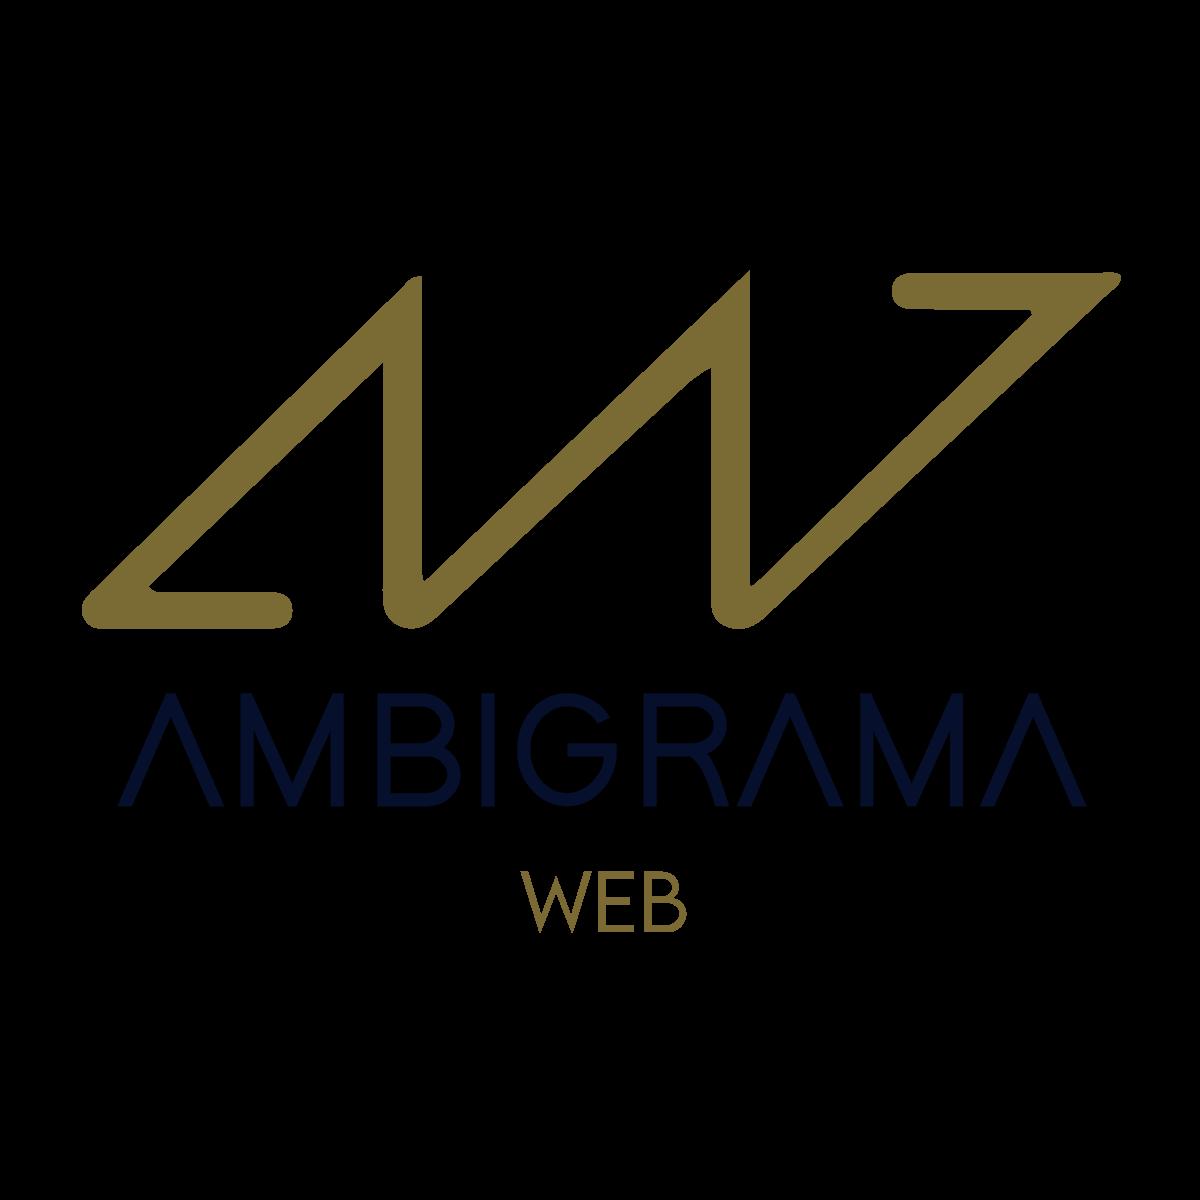 Ambigrama WEB